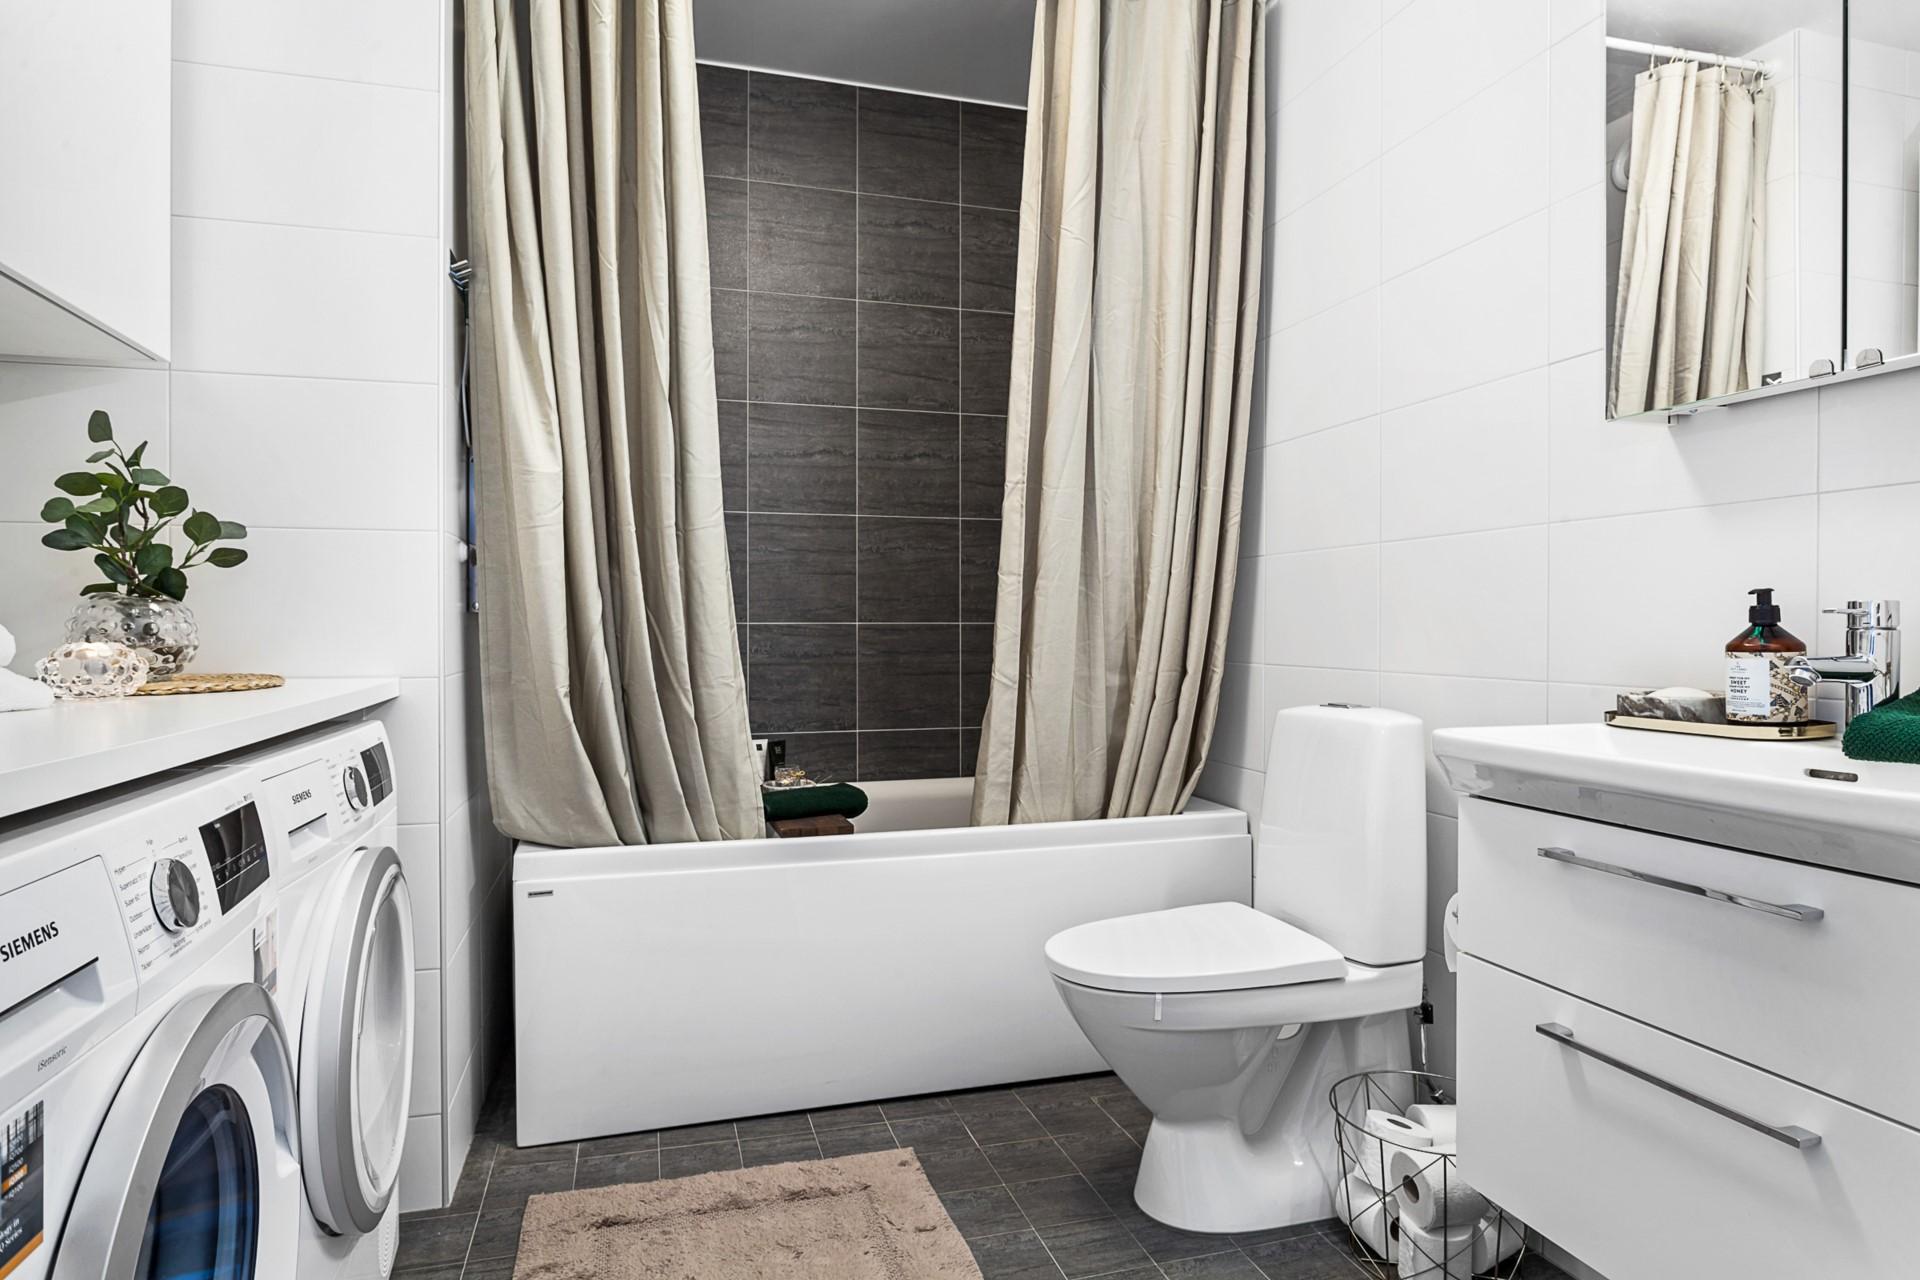 Oskarslundsbacken 1, 7tr, Högst upp! - Snyggt och rymligt badrum med fina färgval.